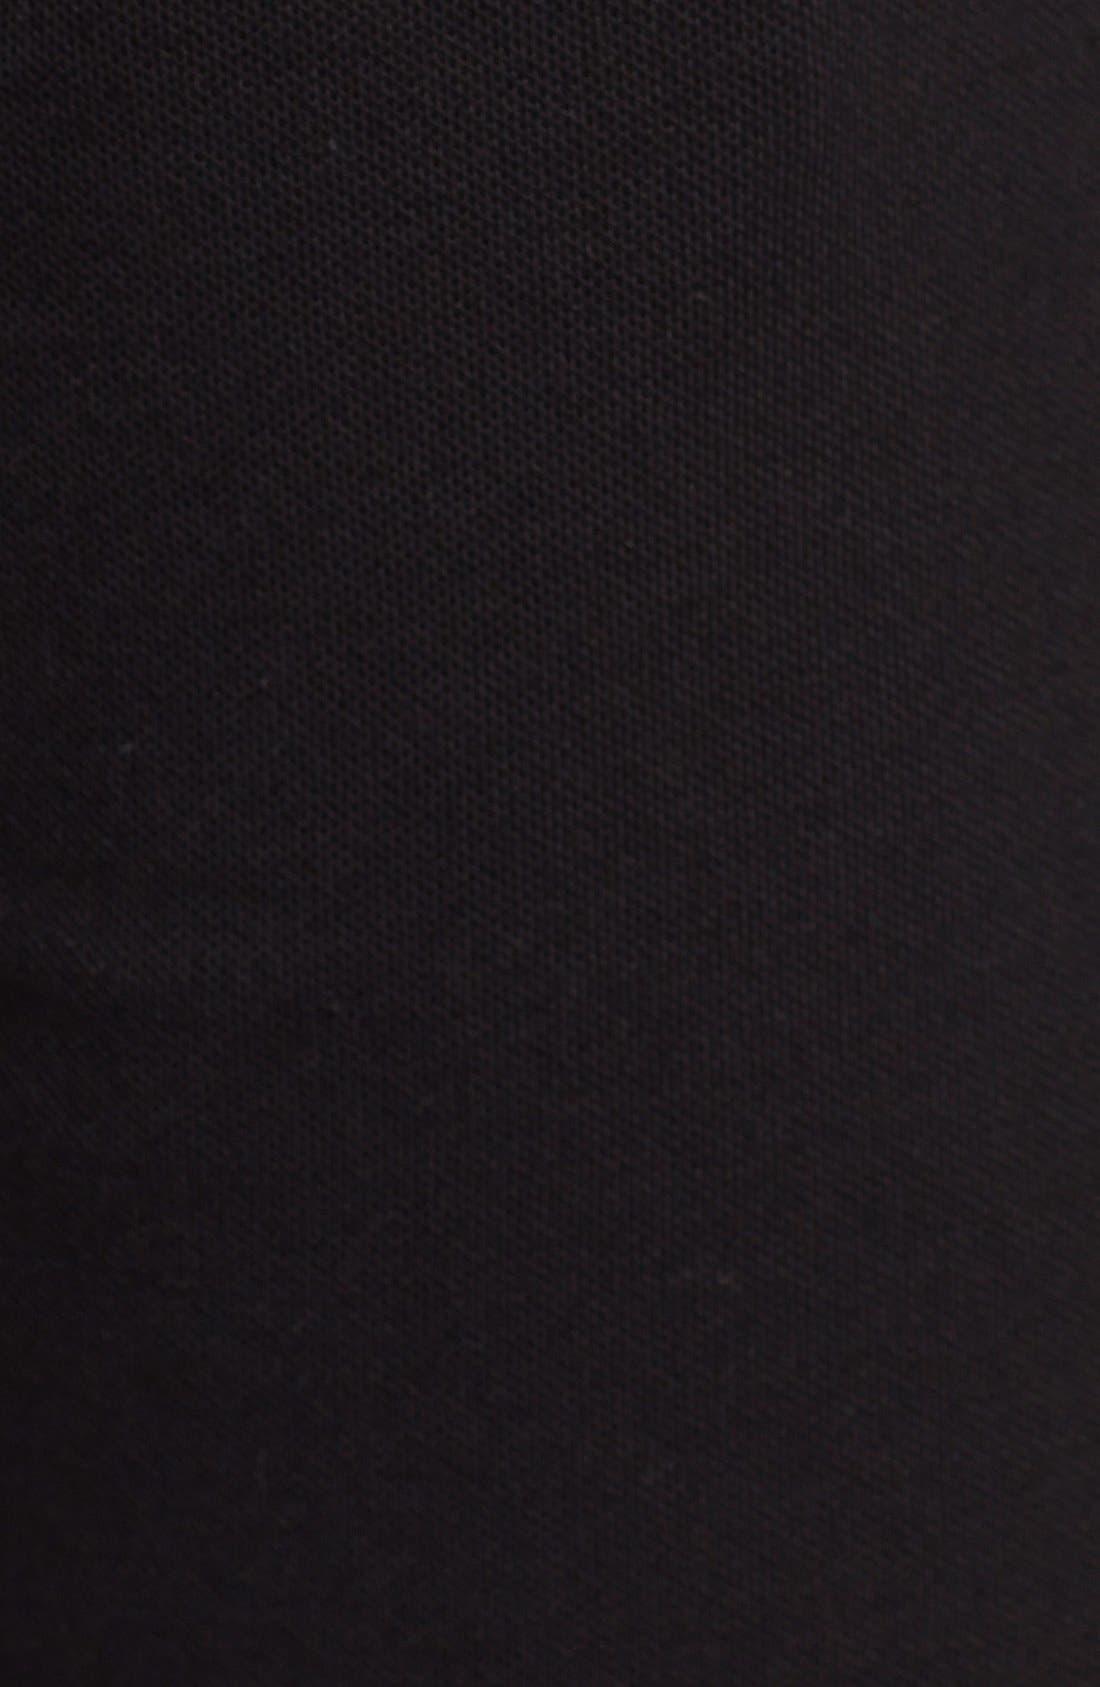 Piqué Lounge Shorts,                             Alternate thumbnail 3, color,                             001